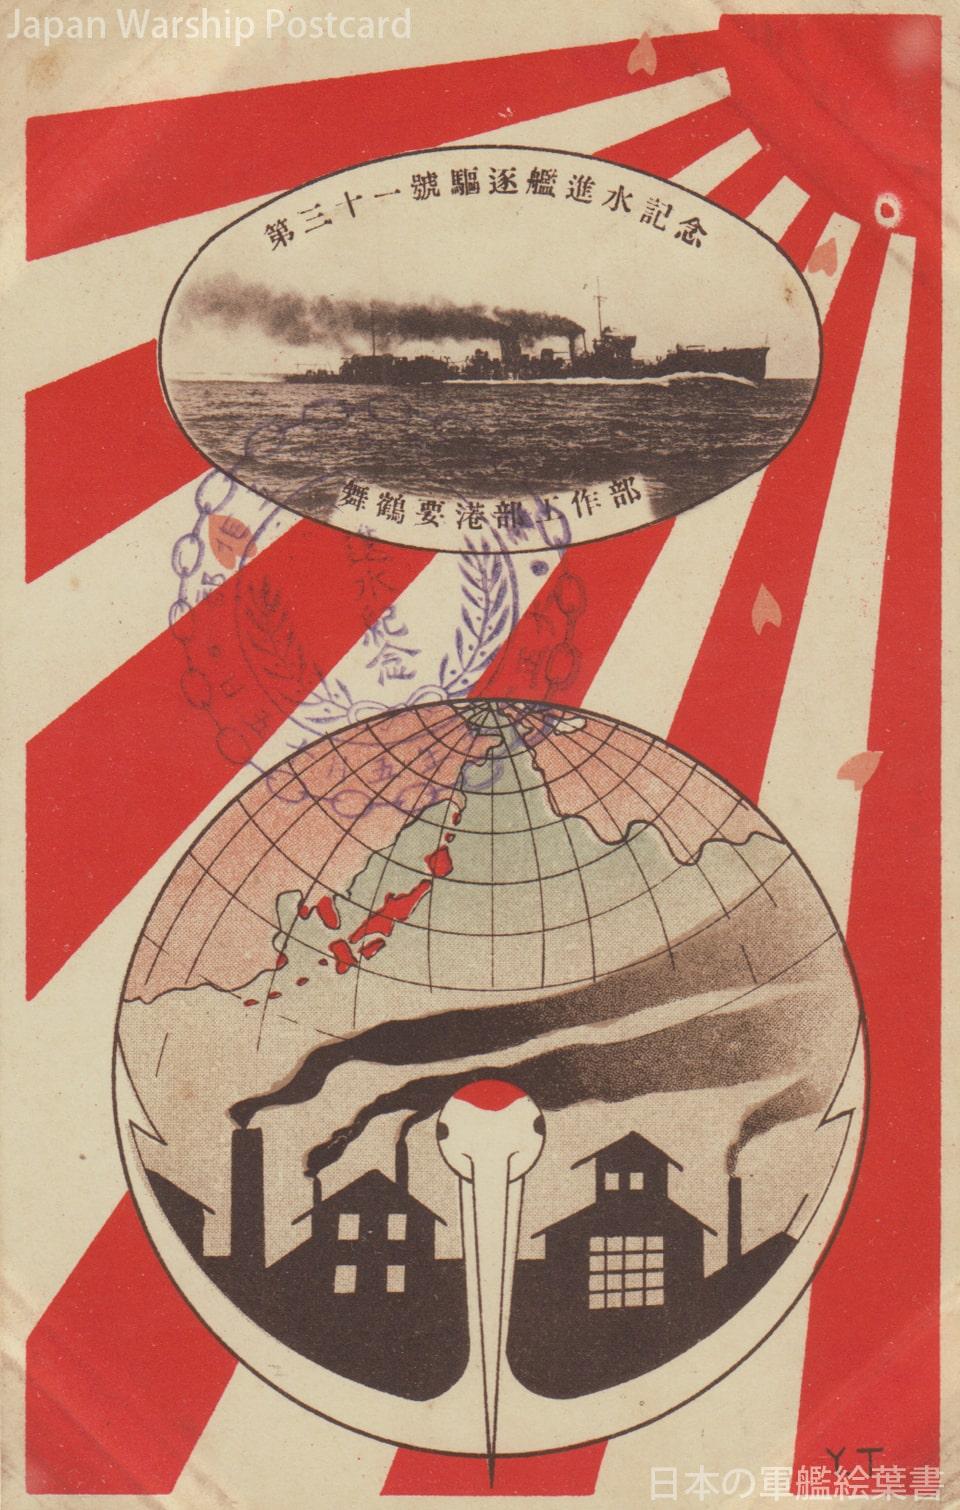 第三十一駆逐艦進水記念